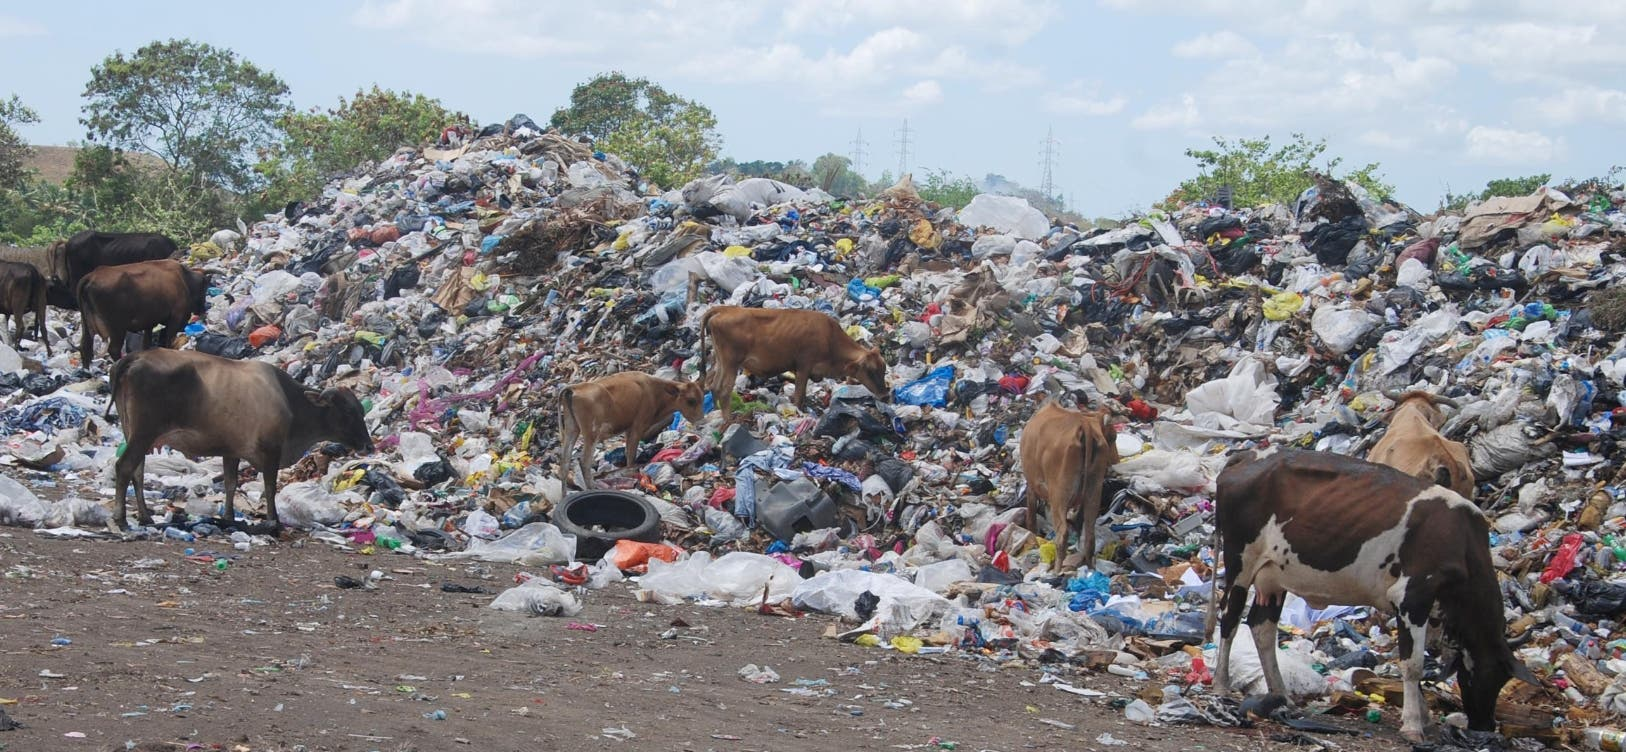 Los desechos de Los Alcarrizos están siendo depositados en la comunidad de San Miguel, generando malestar entre esos munícipes.